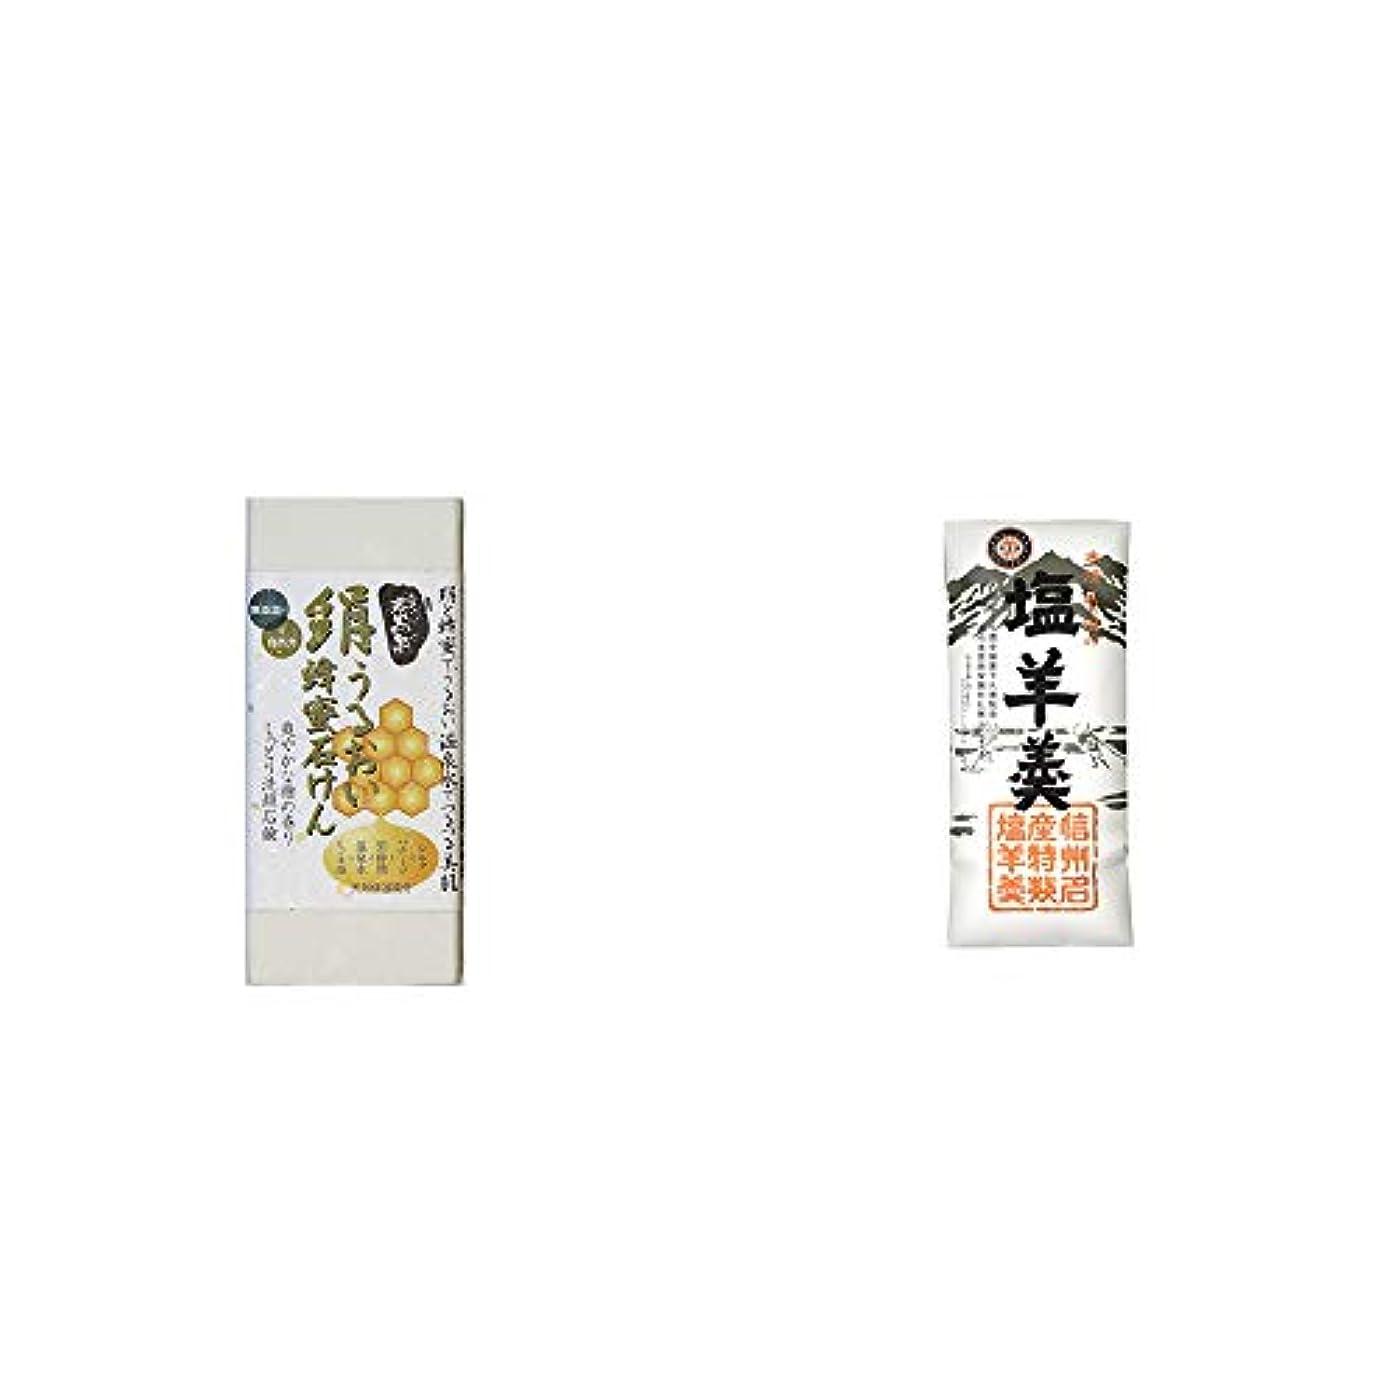 アクセント鉄麻痺[2点セット] ひのき炭黒泉 絹うるおい蜂蜜石けん(75g×2)?栗田の塩羊羹(160g)